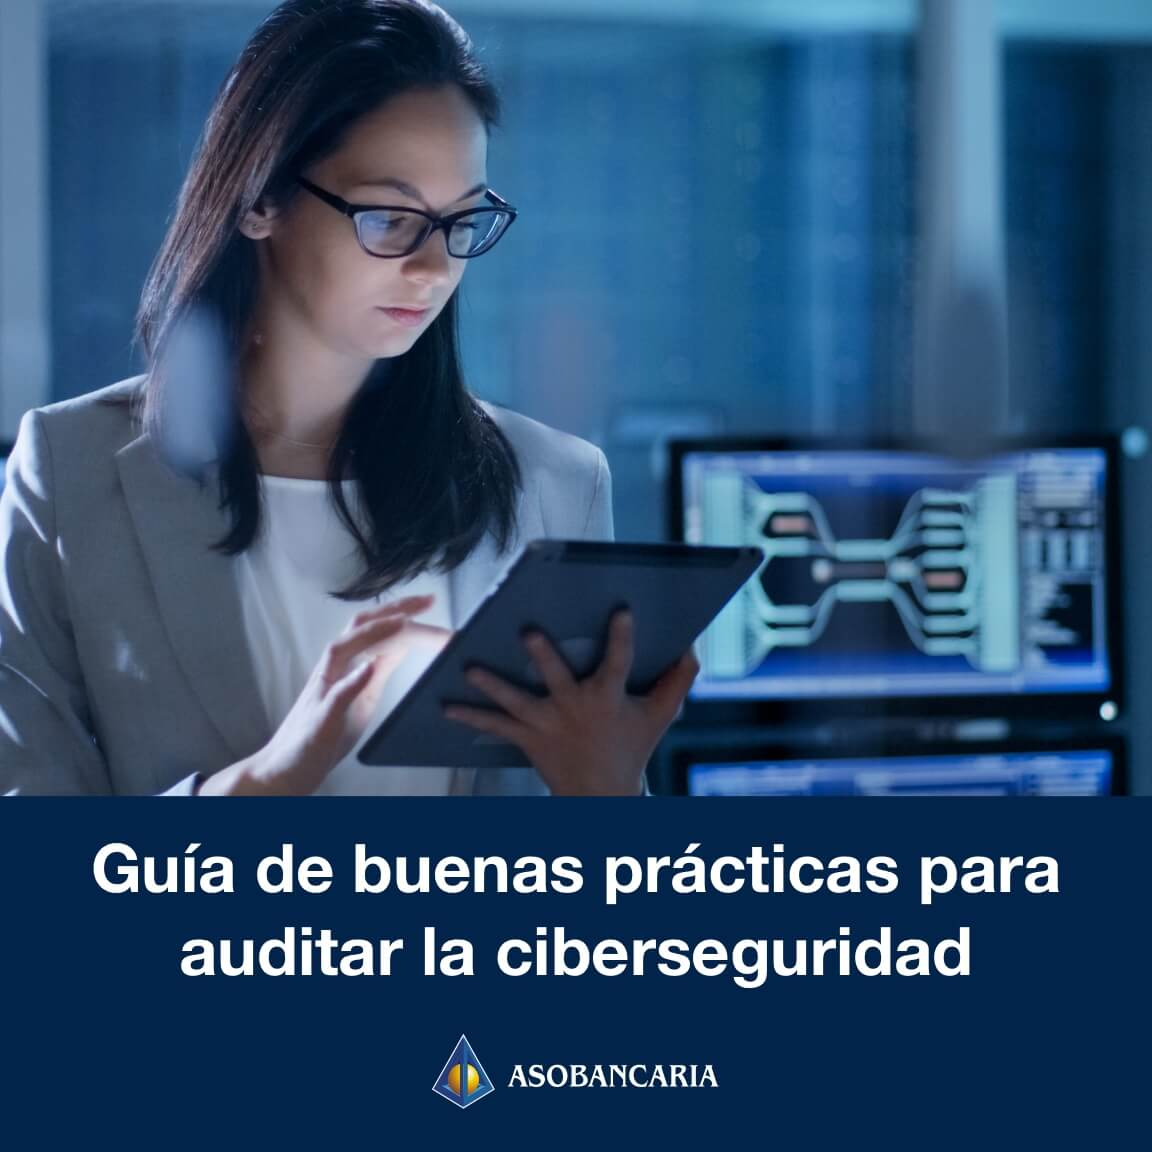 Guía de buenas prácticas para auditar la ciberseguridad